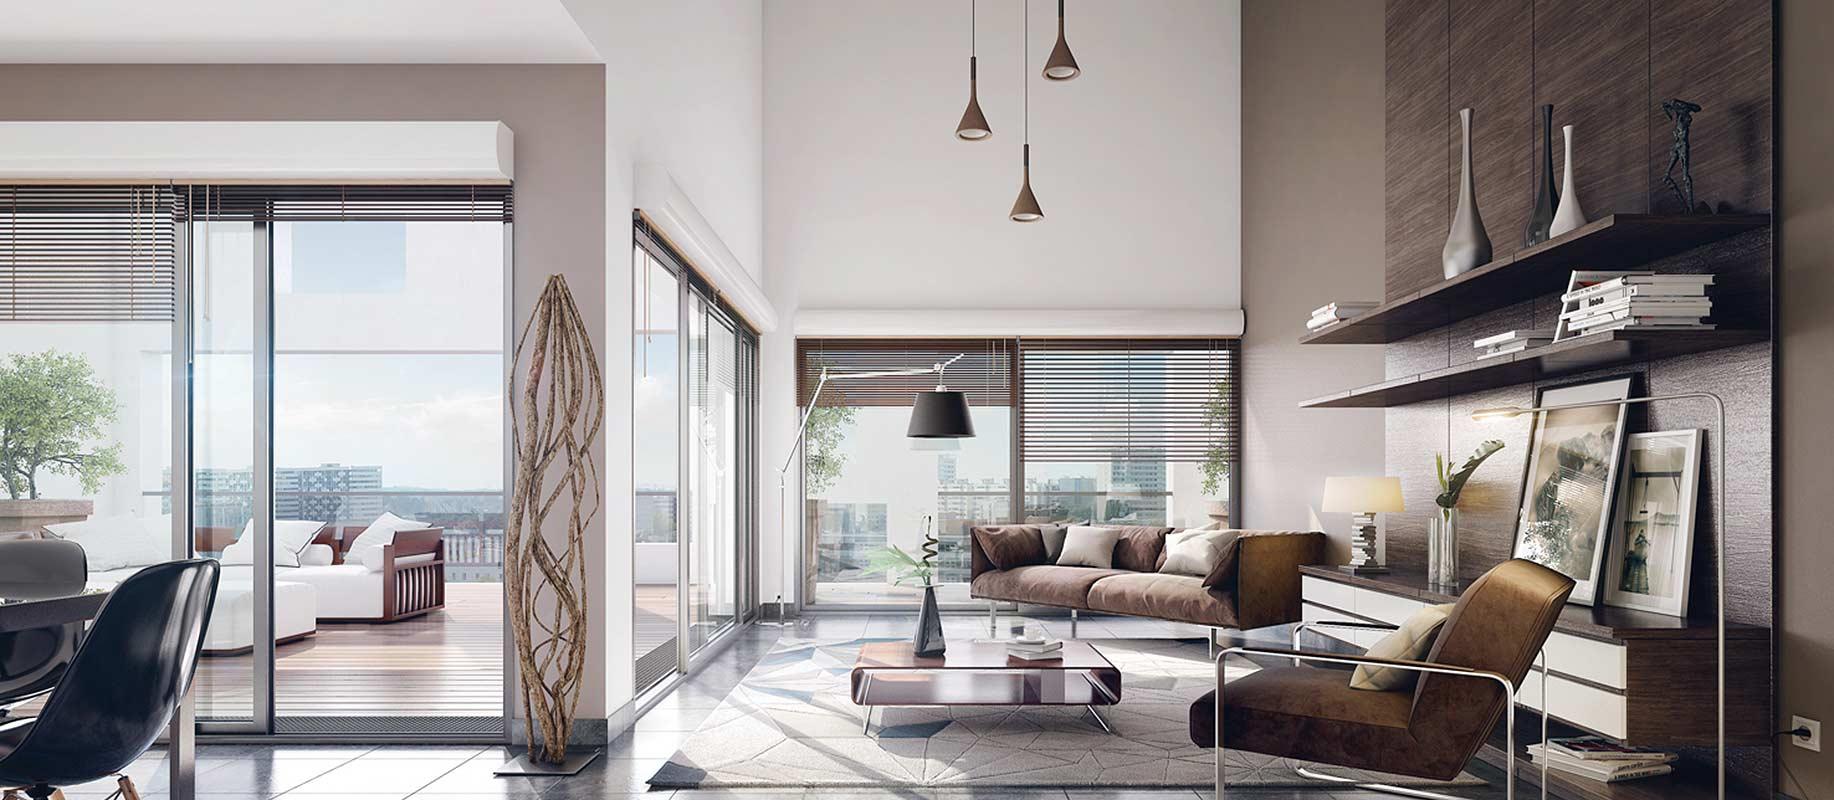 logement devenez propri taire avec l agence immobili re du cic cic. Black Bedroom Furniture Sets. Home Design Ideas